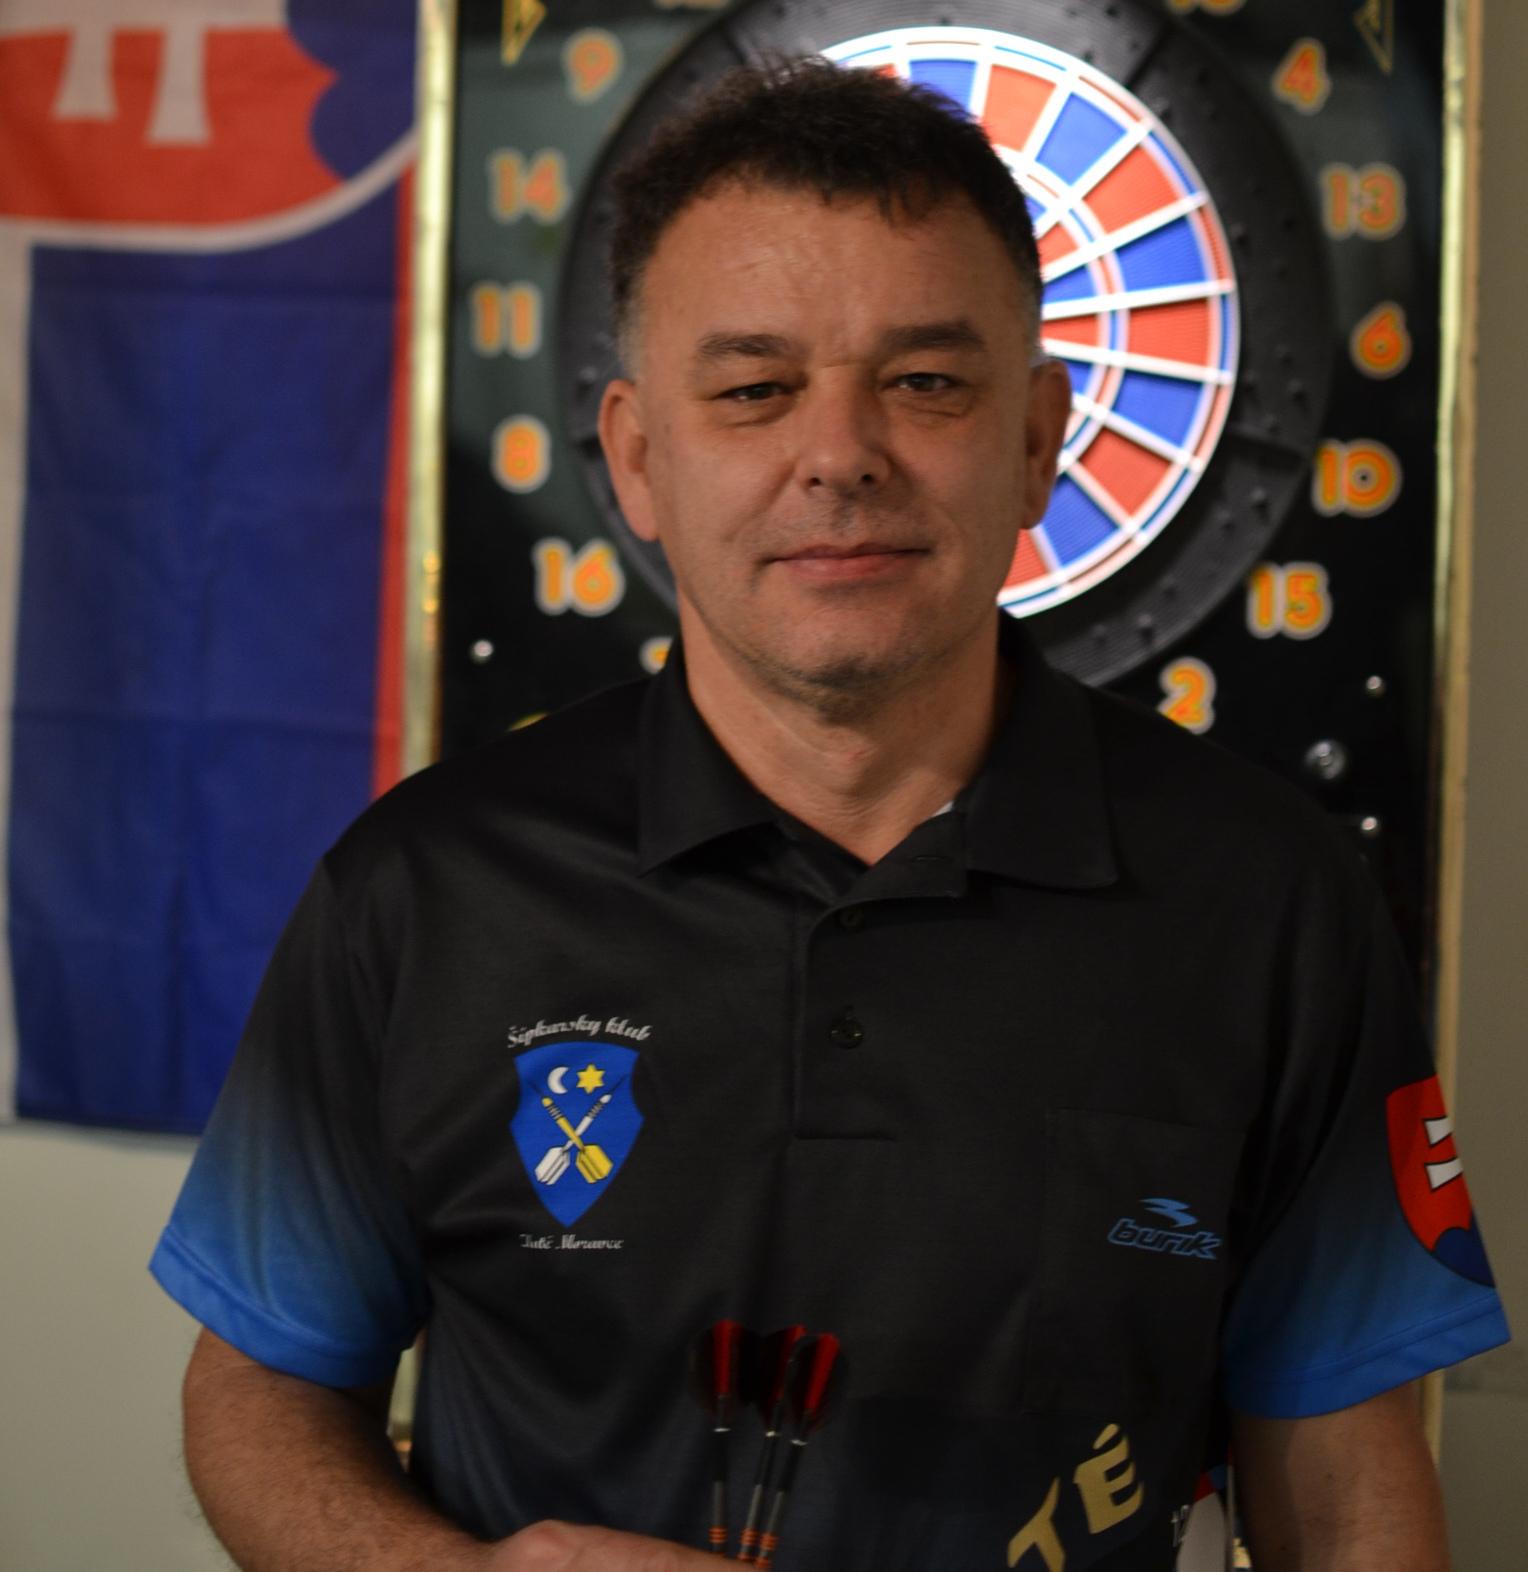 Boris Kruška